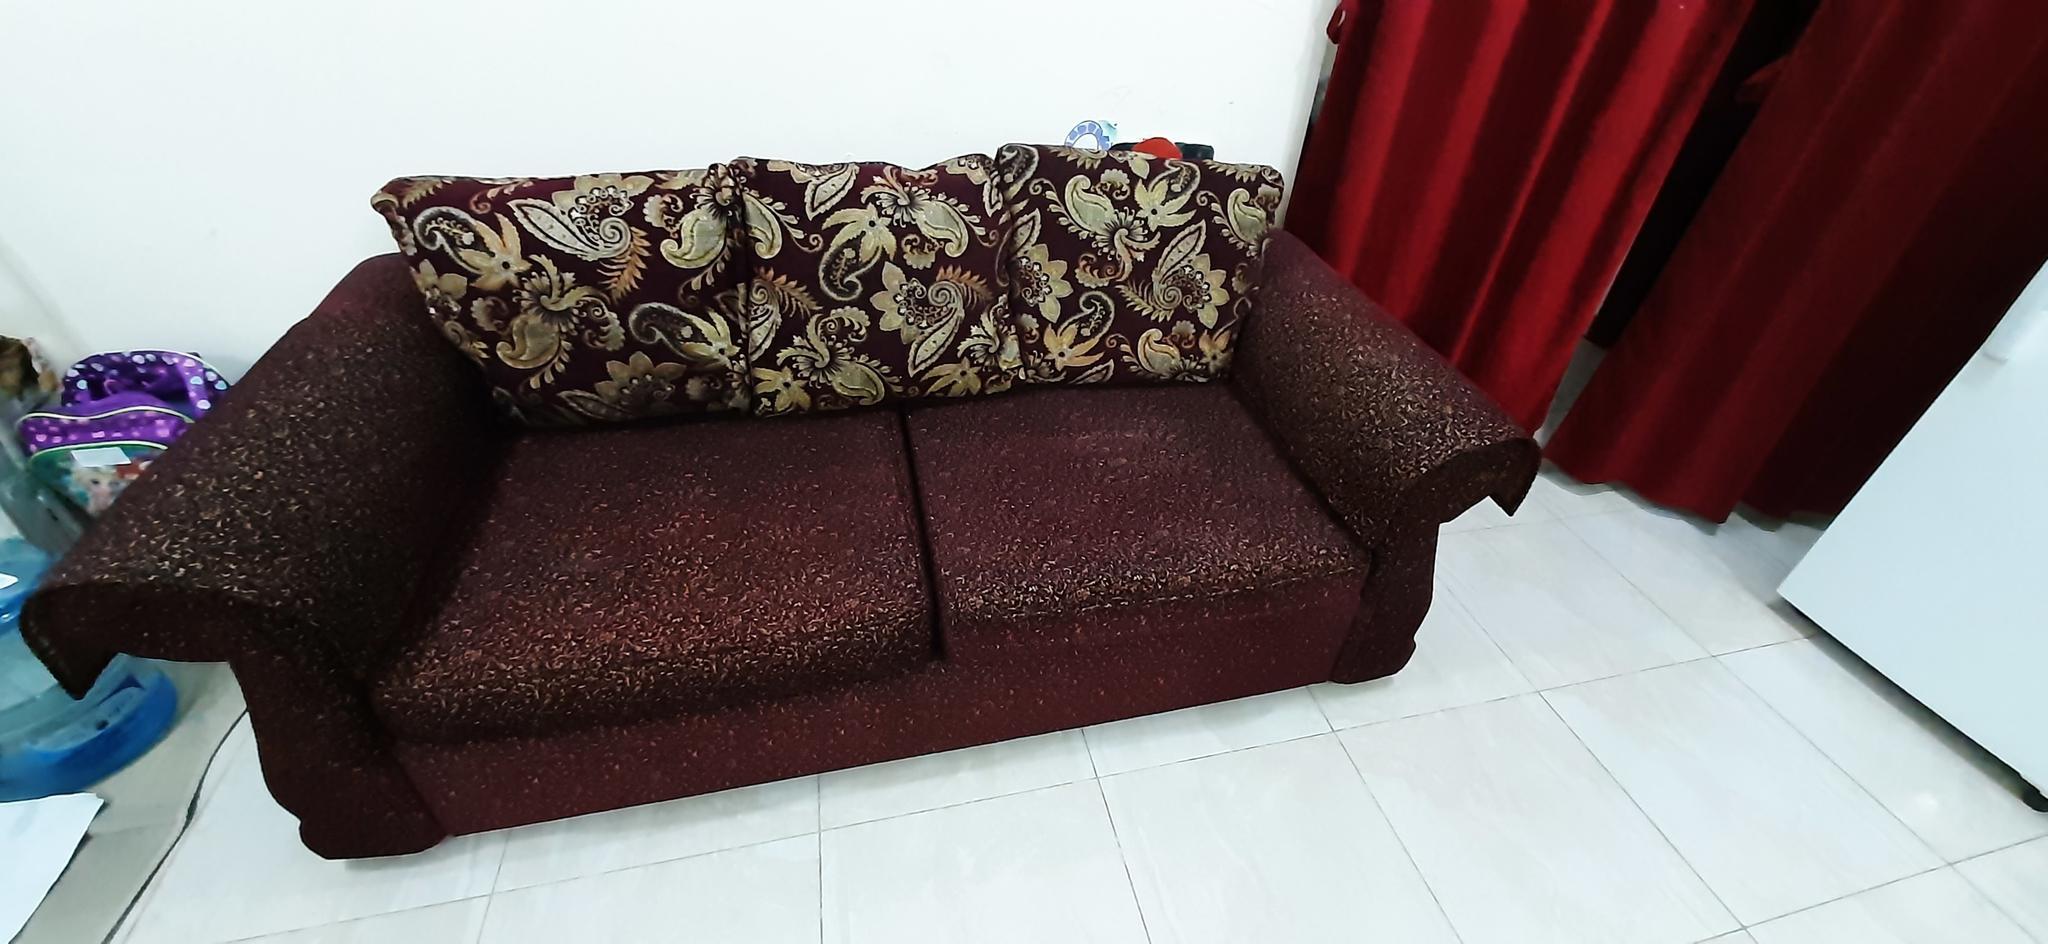 9 Seater Sofa in 1200 Qr